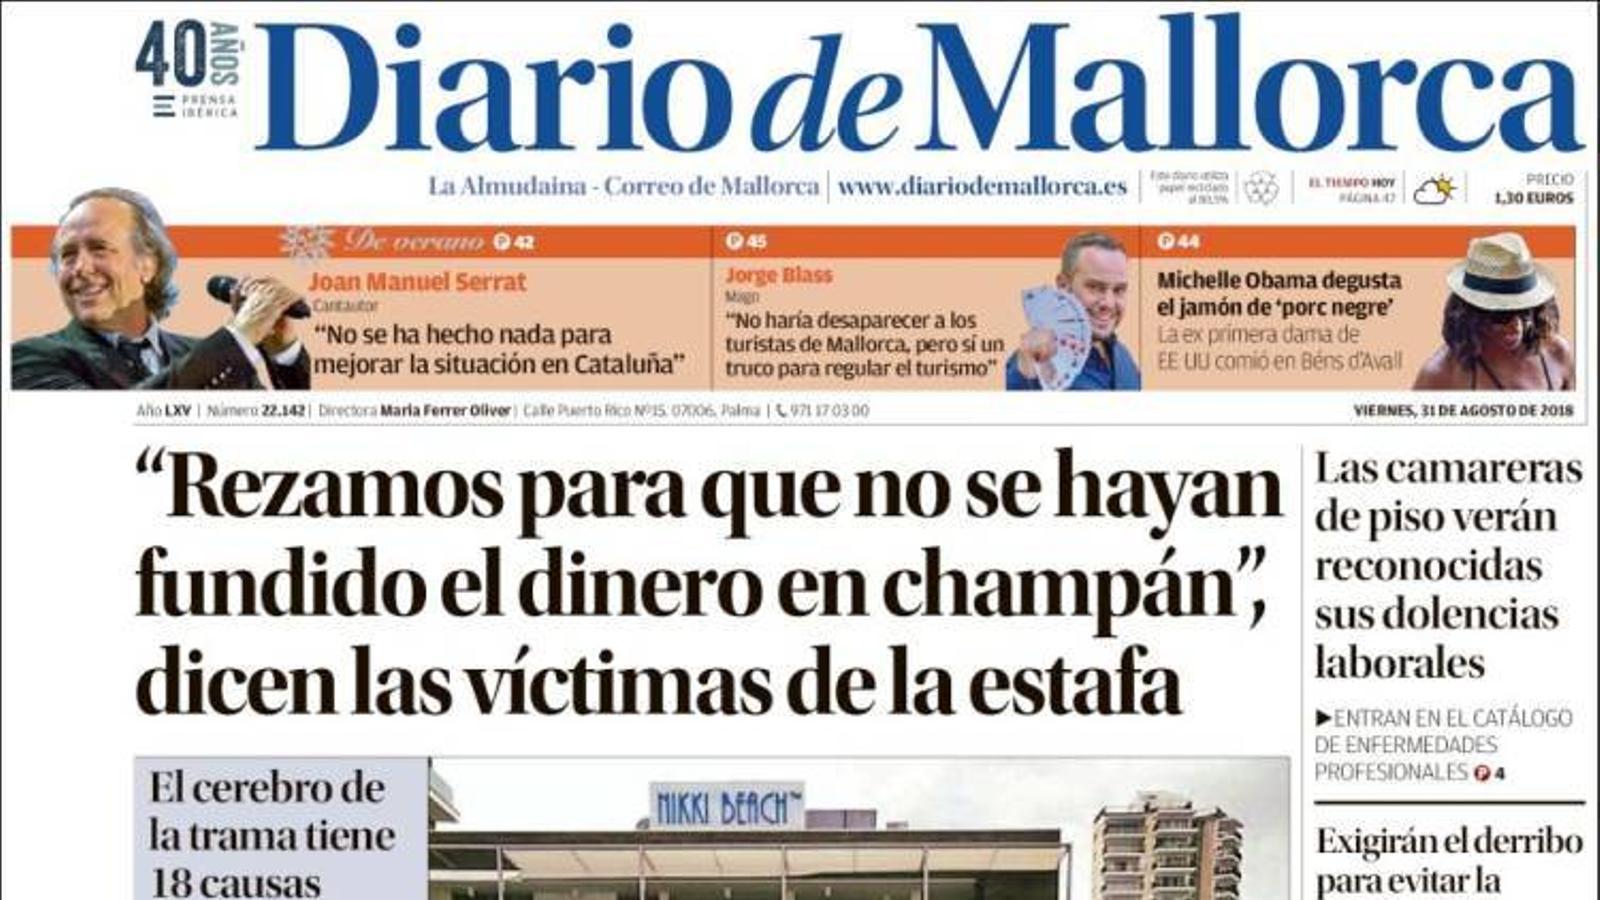 """""""""""Resem perquè no s'hagin fos els diners en xampany"""", diuen les víctimes de l'estafa"""", portada de 'Diario de Mallorca'"""